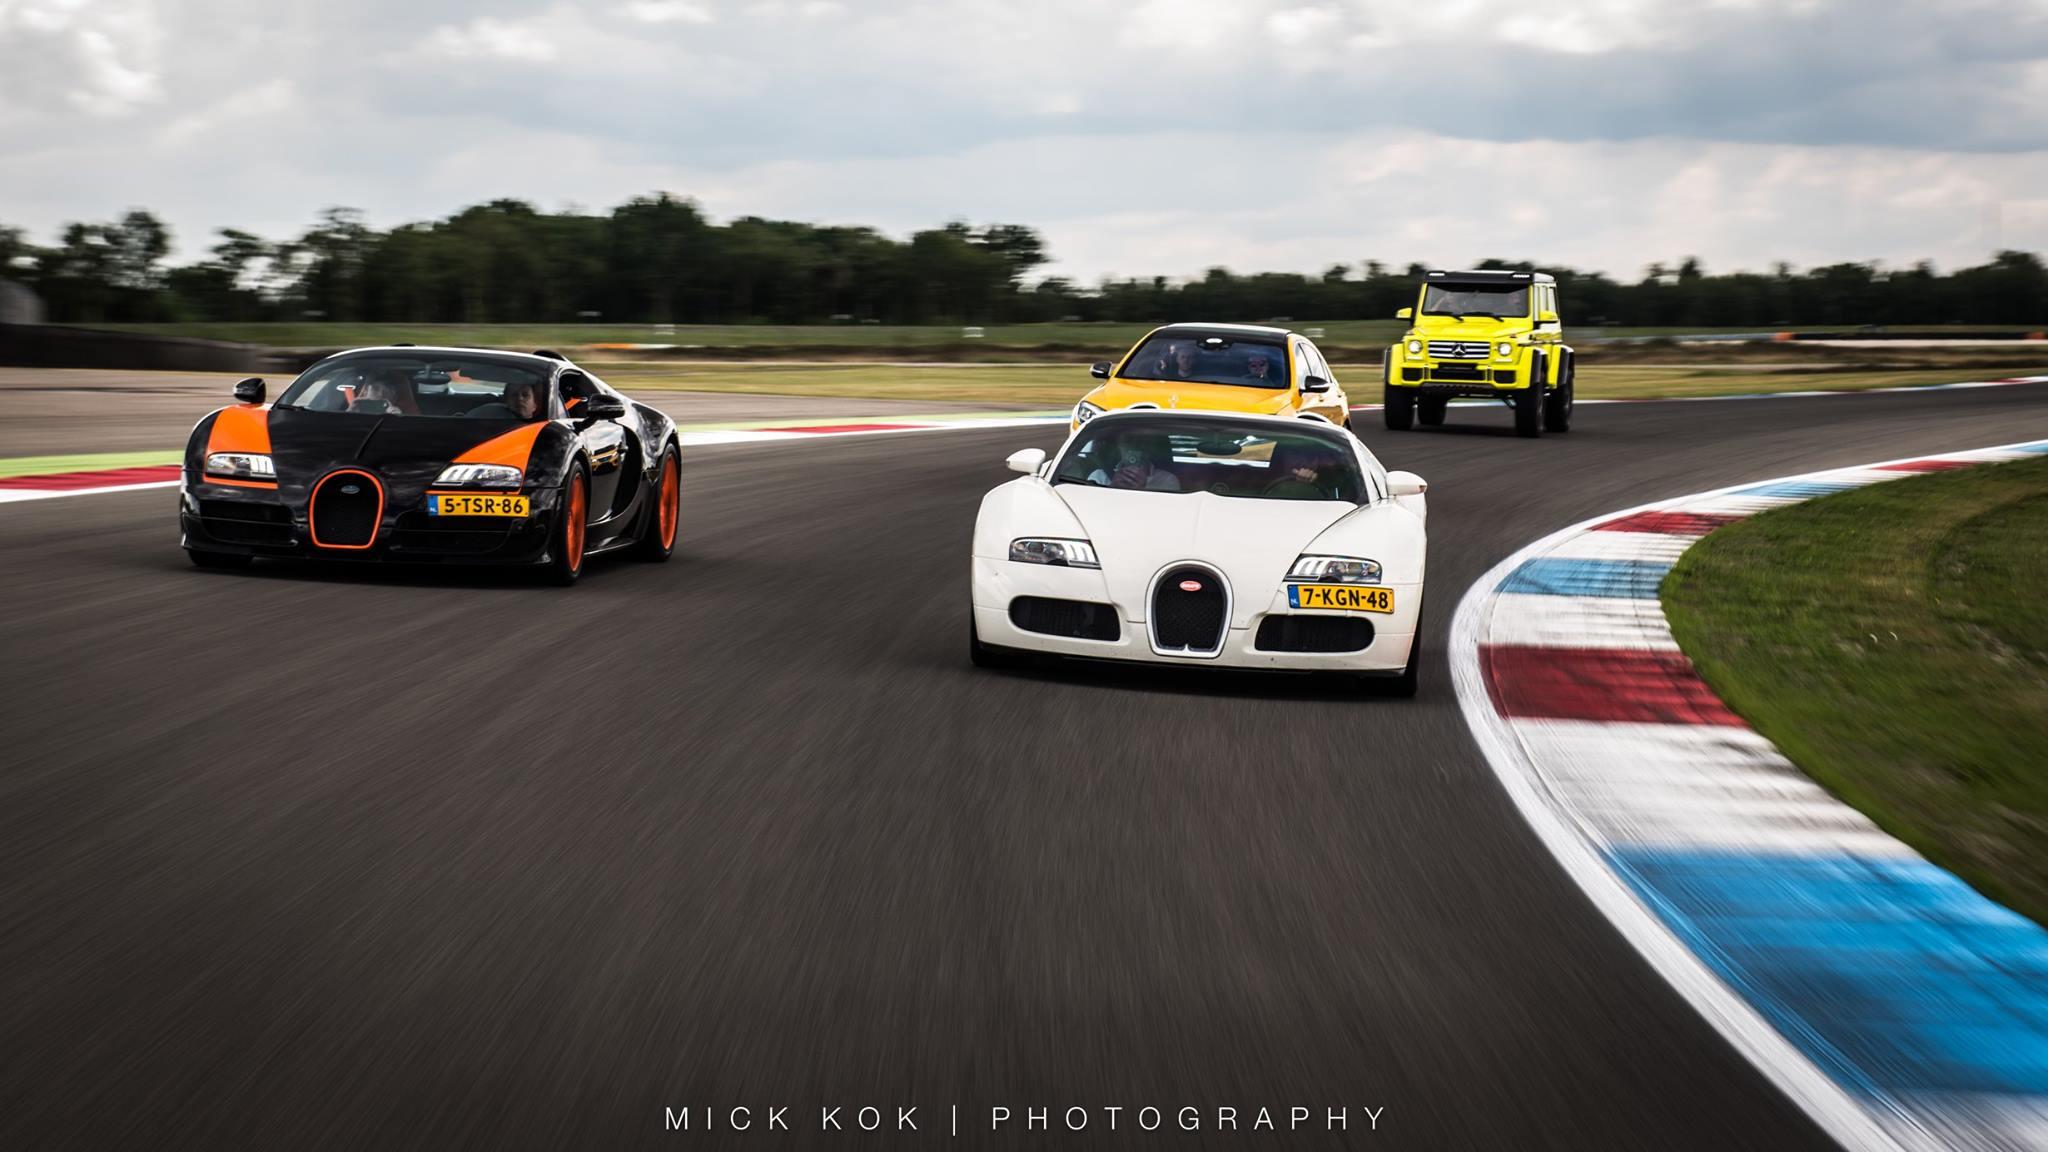 Там были - белый Lamborghini Huracan Performante, не менее древний Aventador S и два Bugatti Veyron от популярных DutchBugs, одним из которых был редкий выпуск WRC. Один из 35 Mclaren P1 GTR также присутствовал там полностью отделанный хромом, наряду